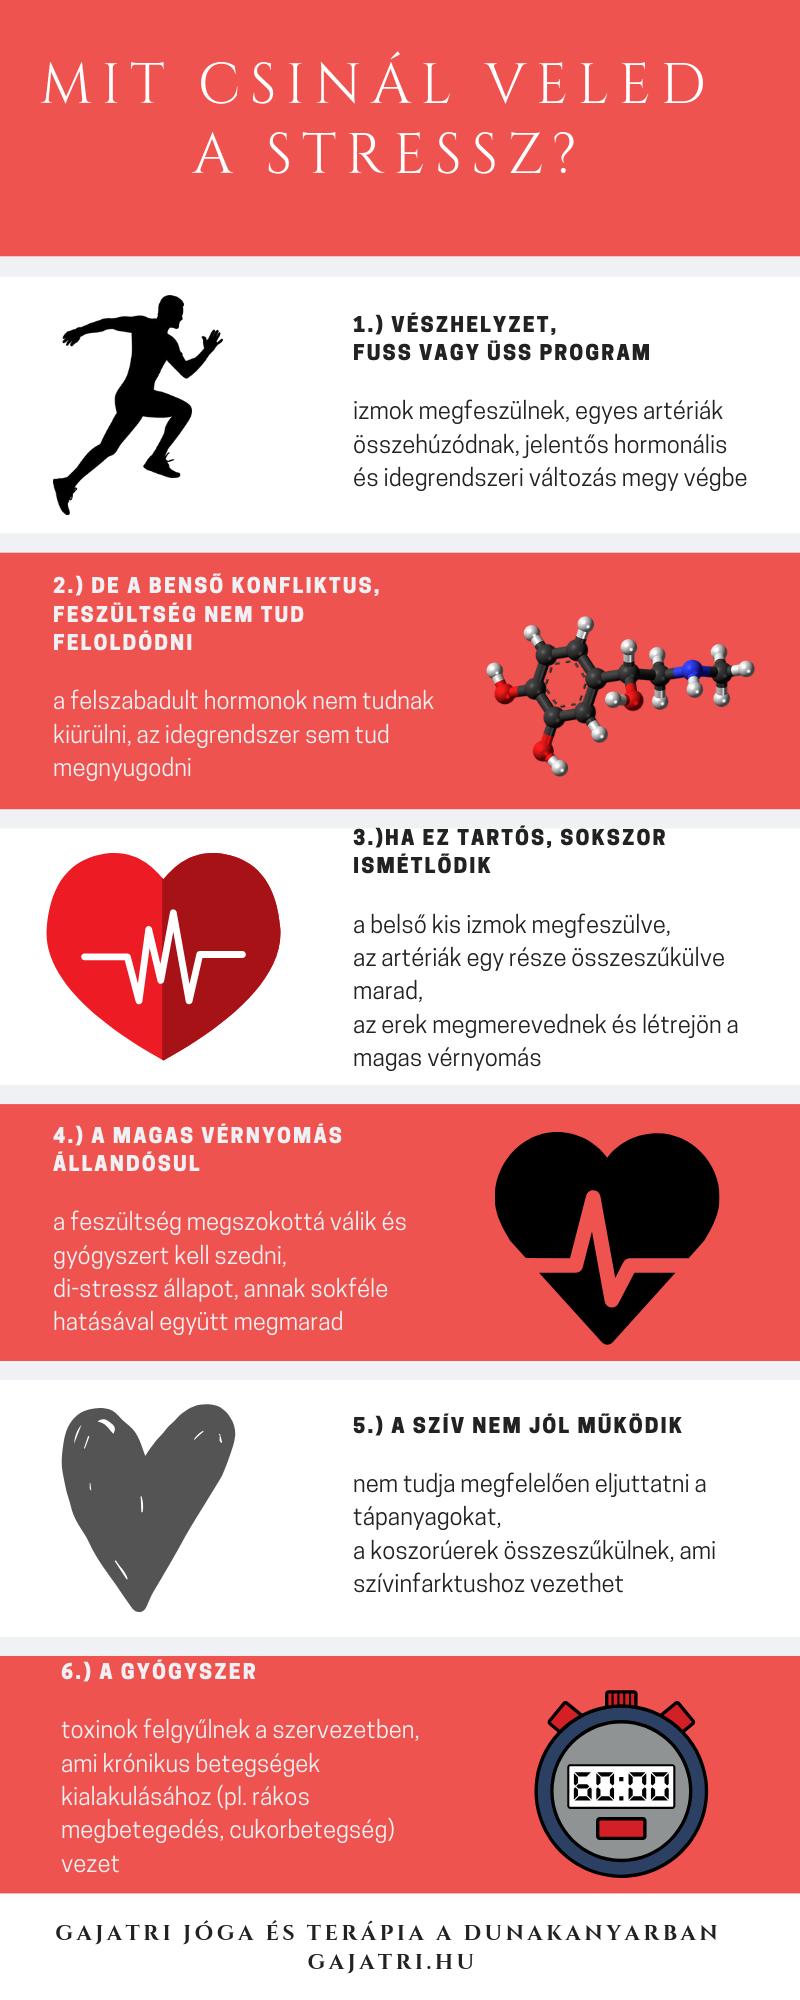 magas vérnyomás 2 fok 1 cikk lehet-e inni a magas vérnyomású citoflavint